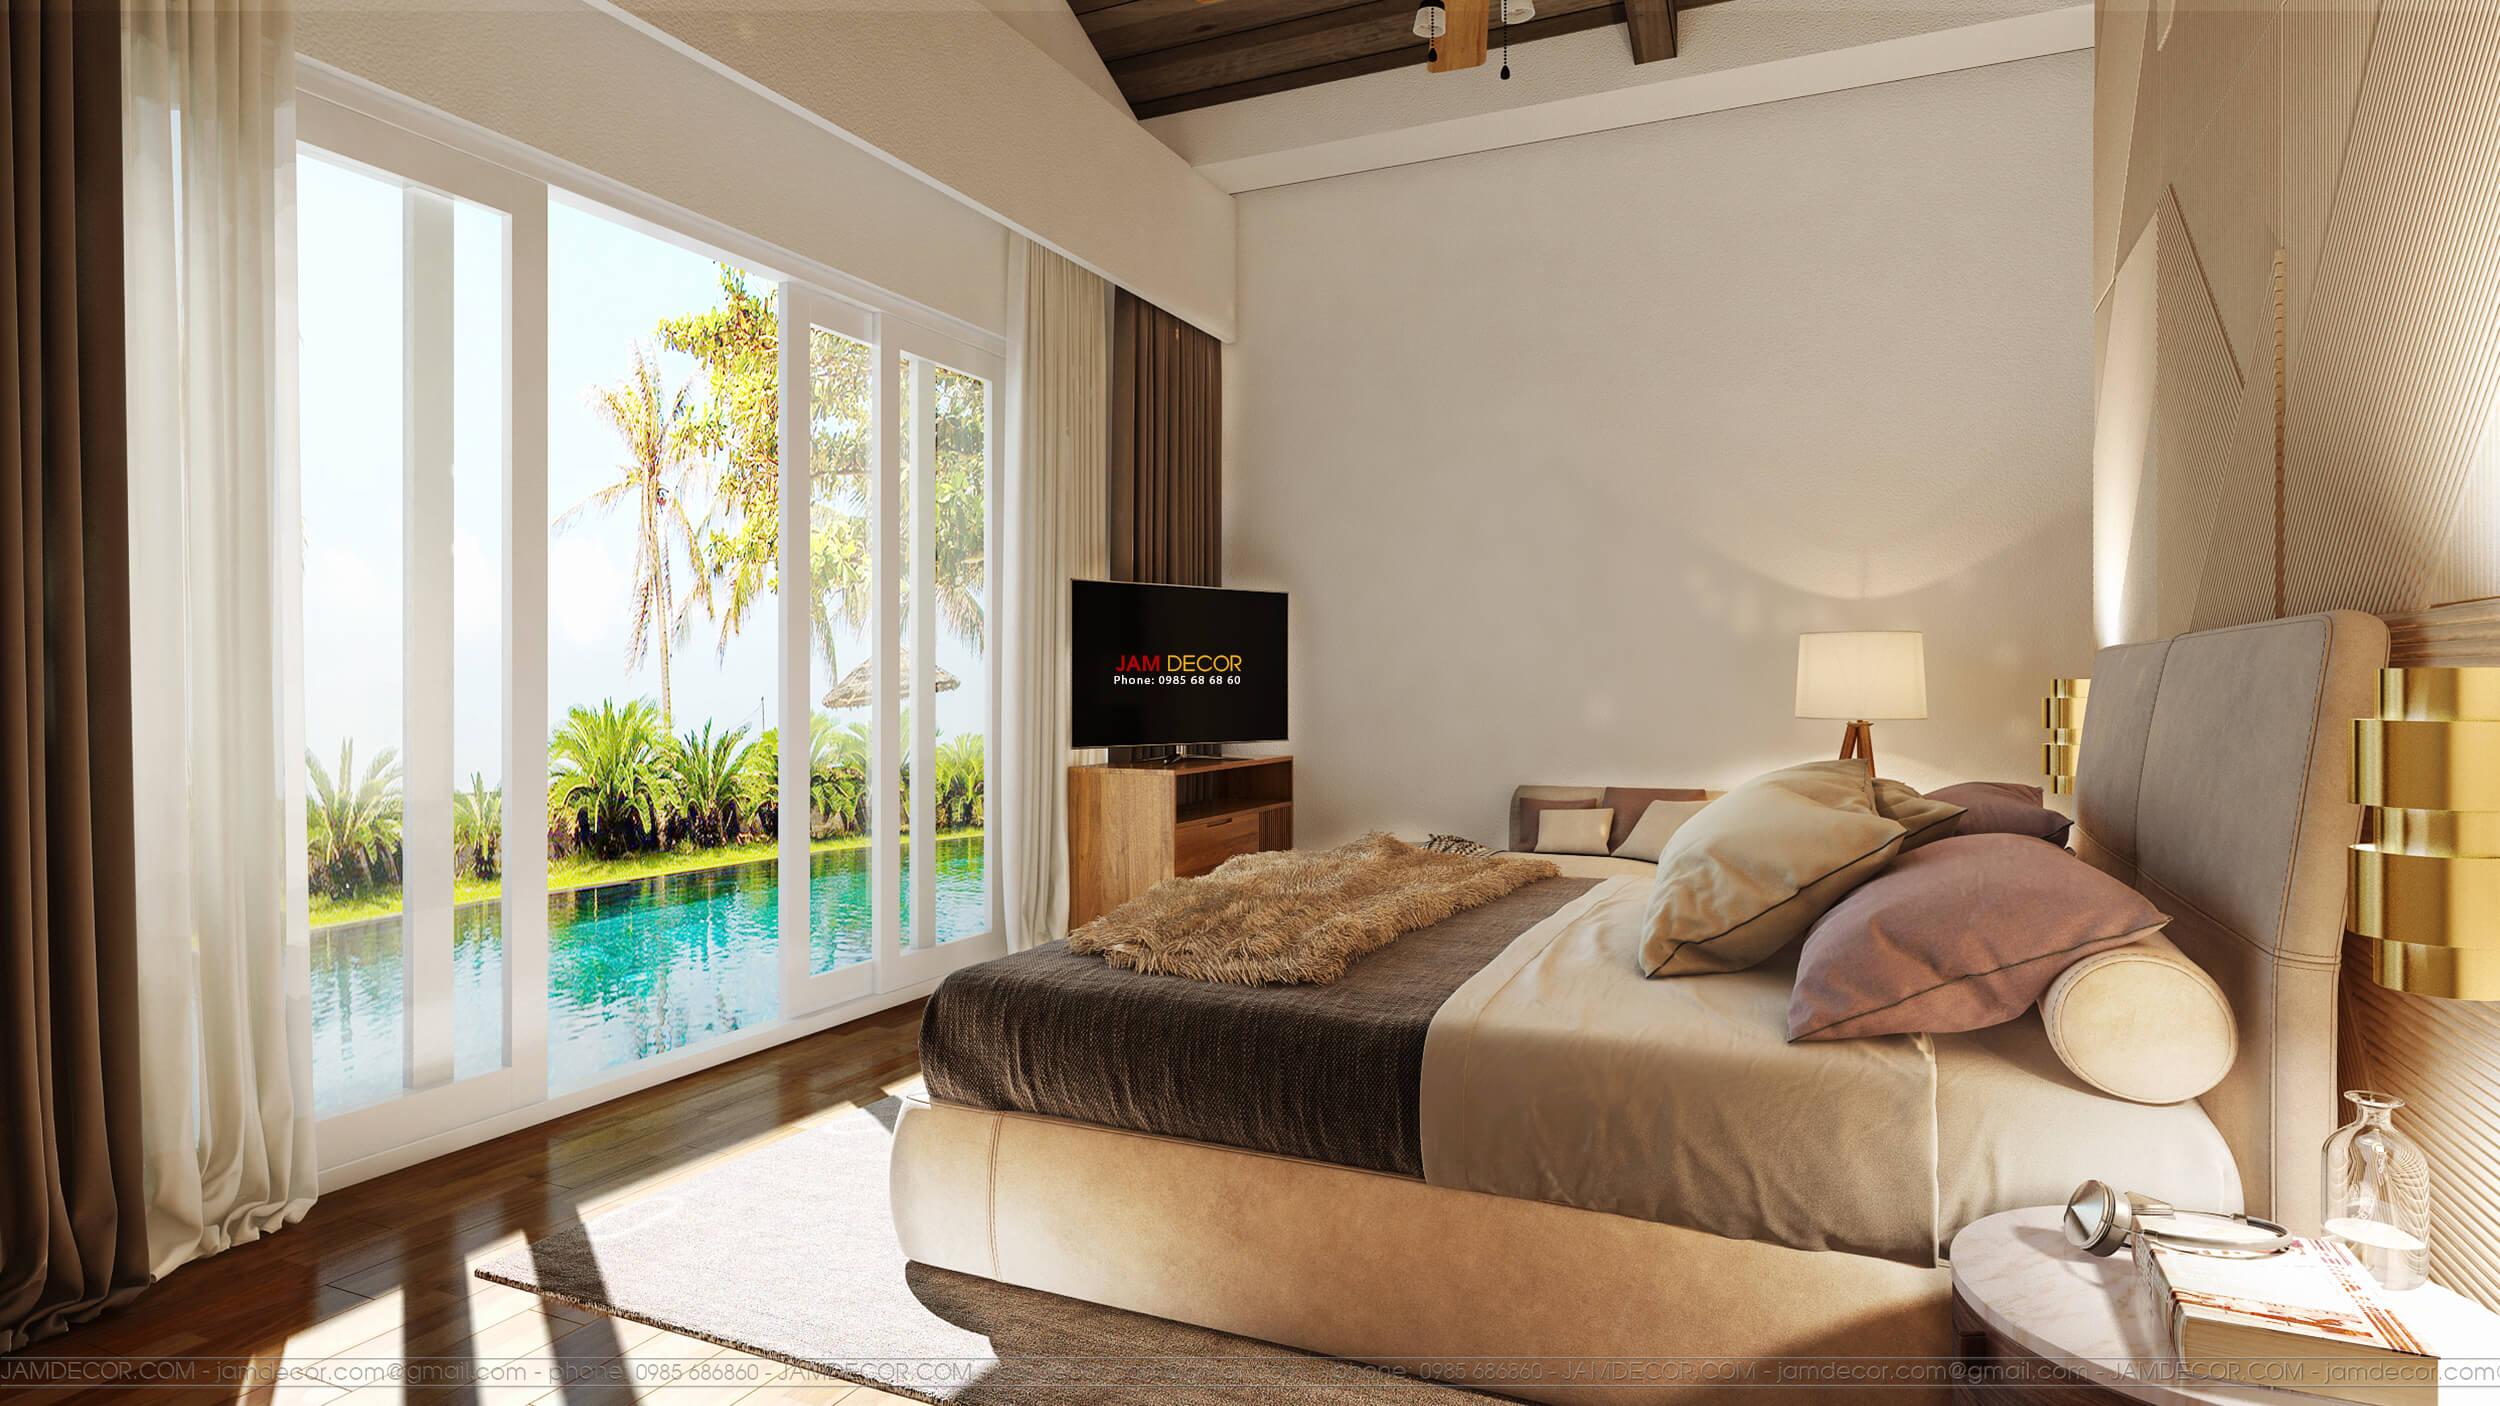 Coastar Estates -Bedroom version II